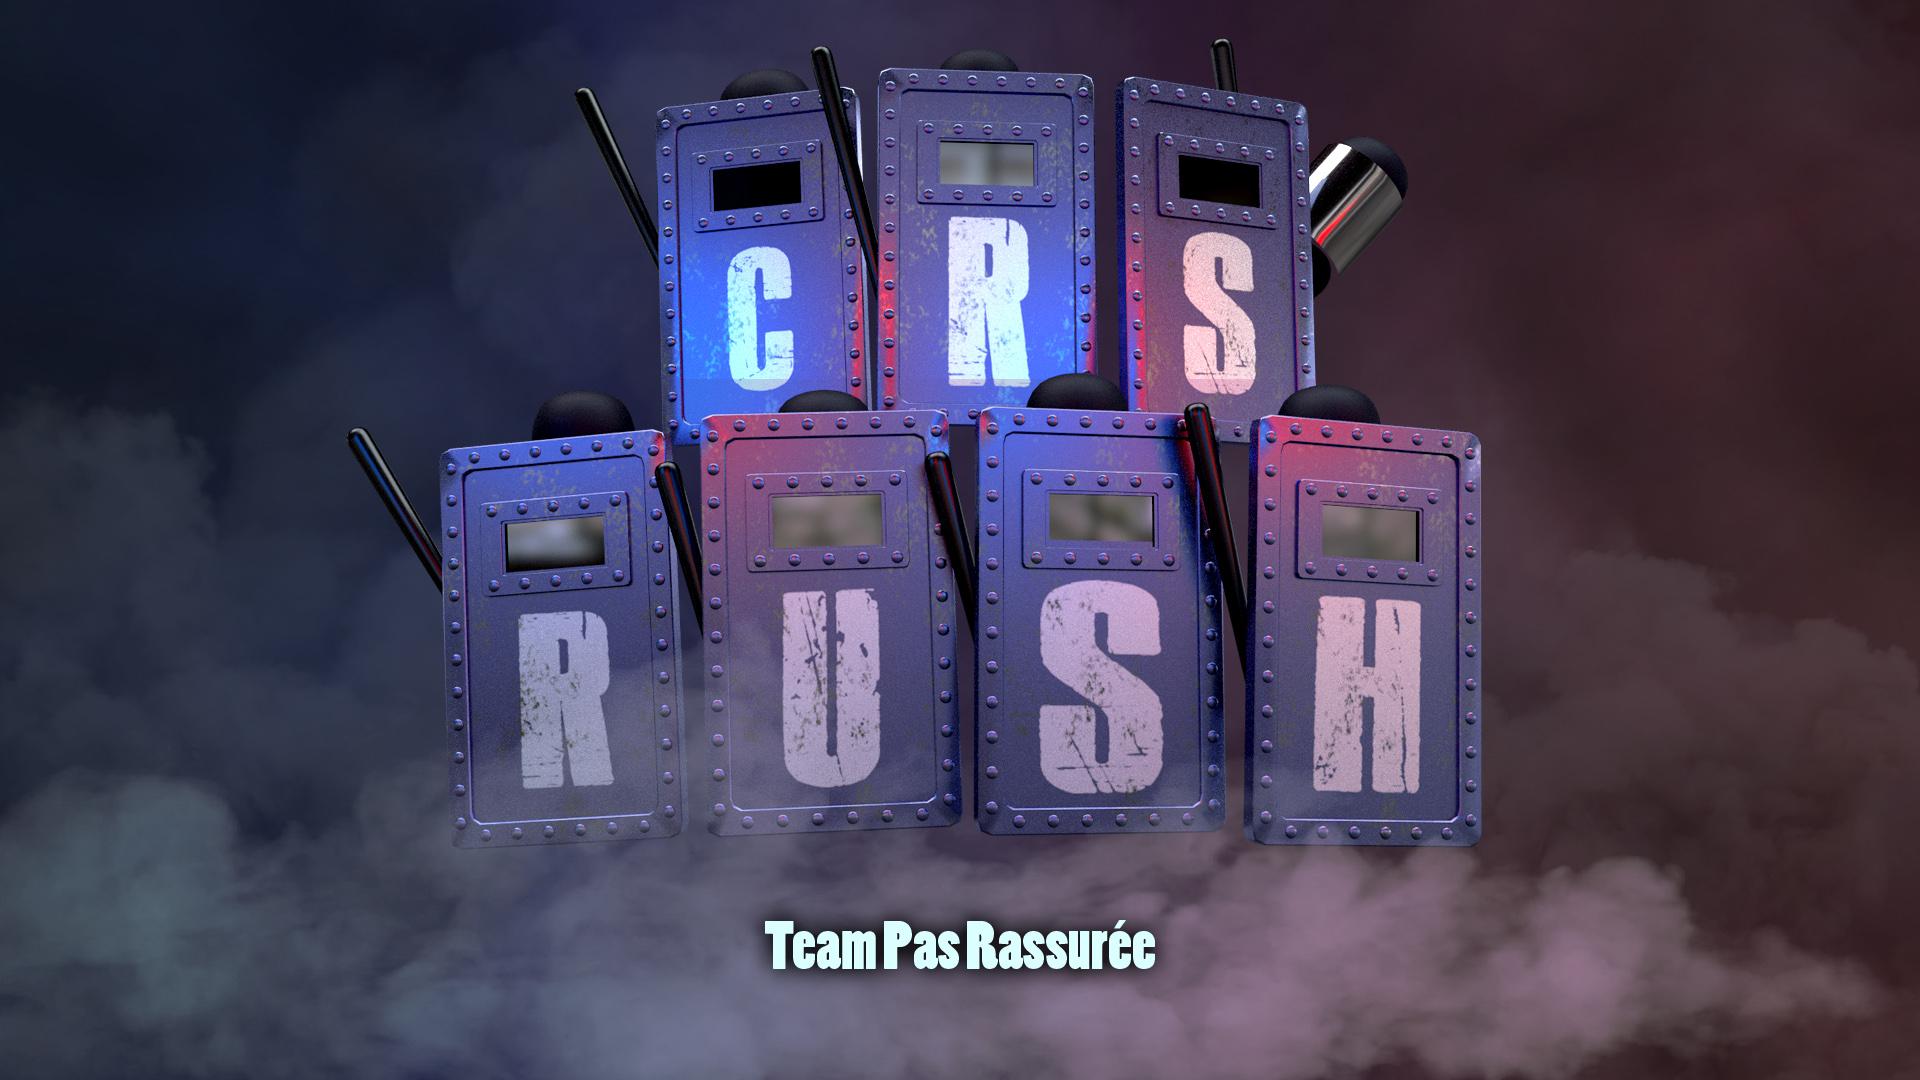 CRS RUSH